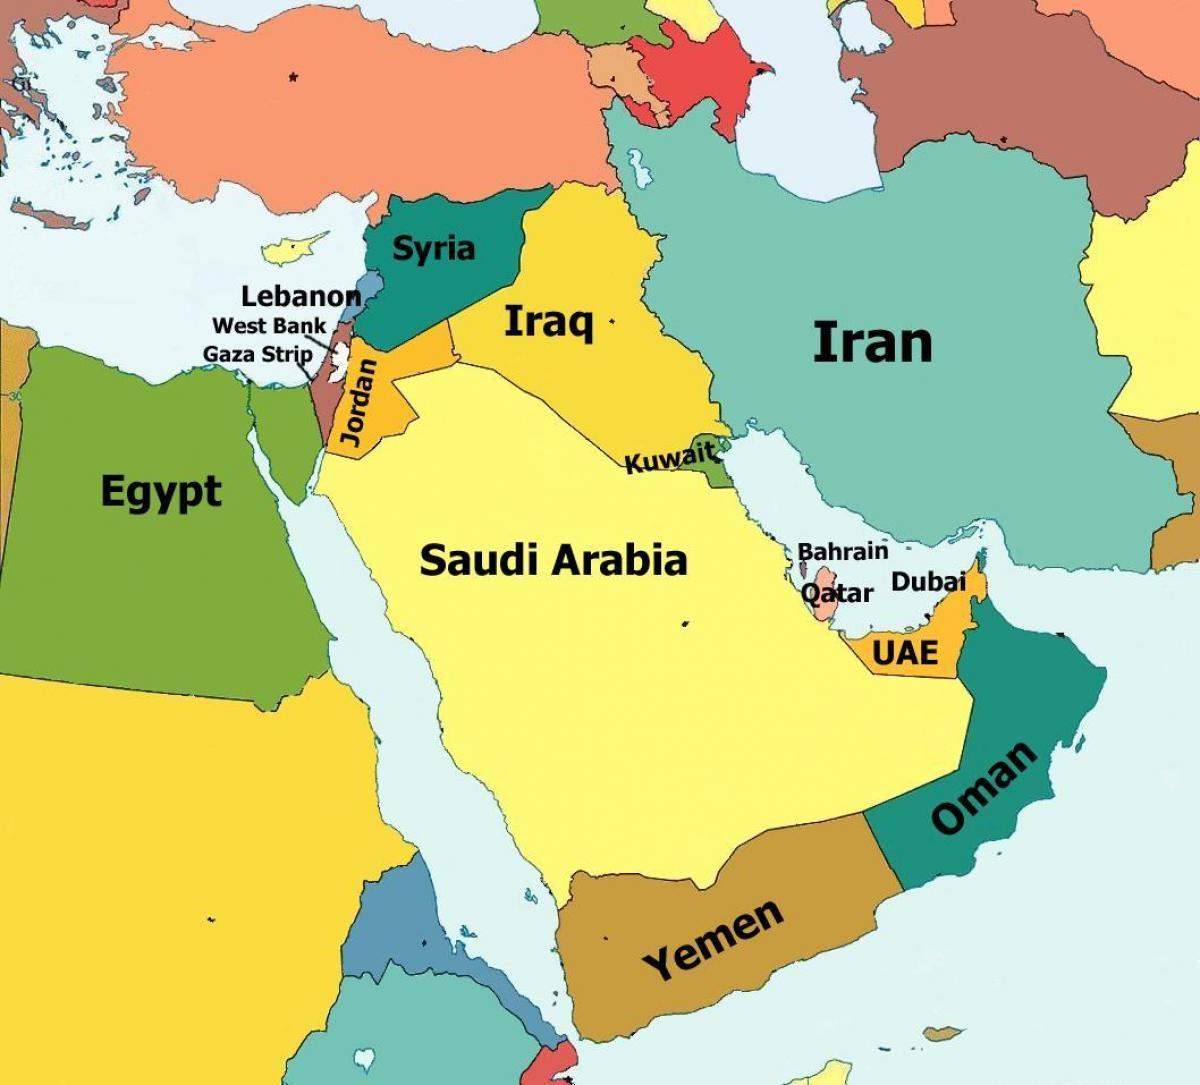 karta över dubai Dubai karta mellanöstern   Dubai karta över mellanöstern (Förenade  karta över dubai